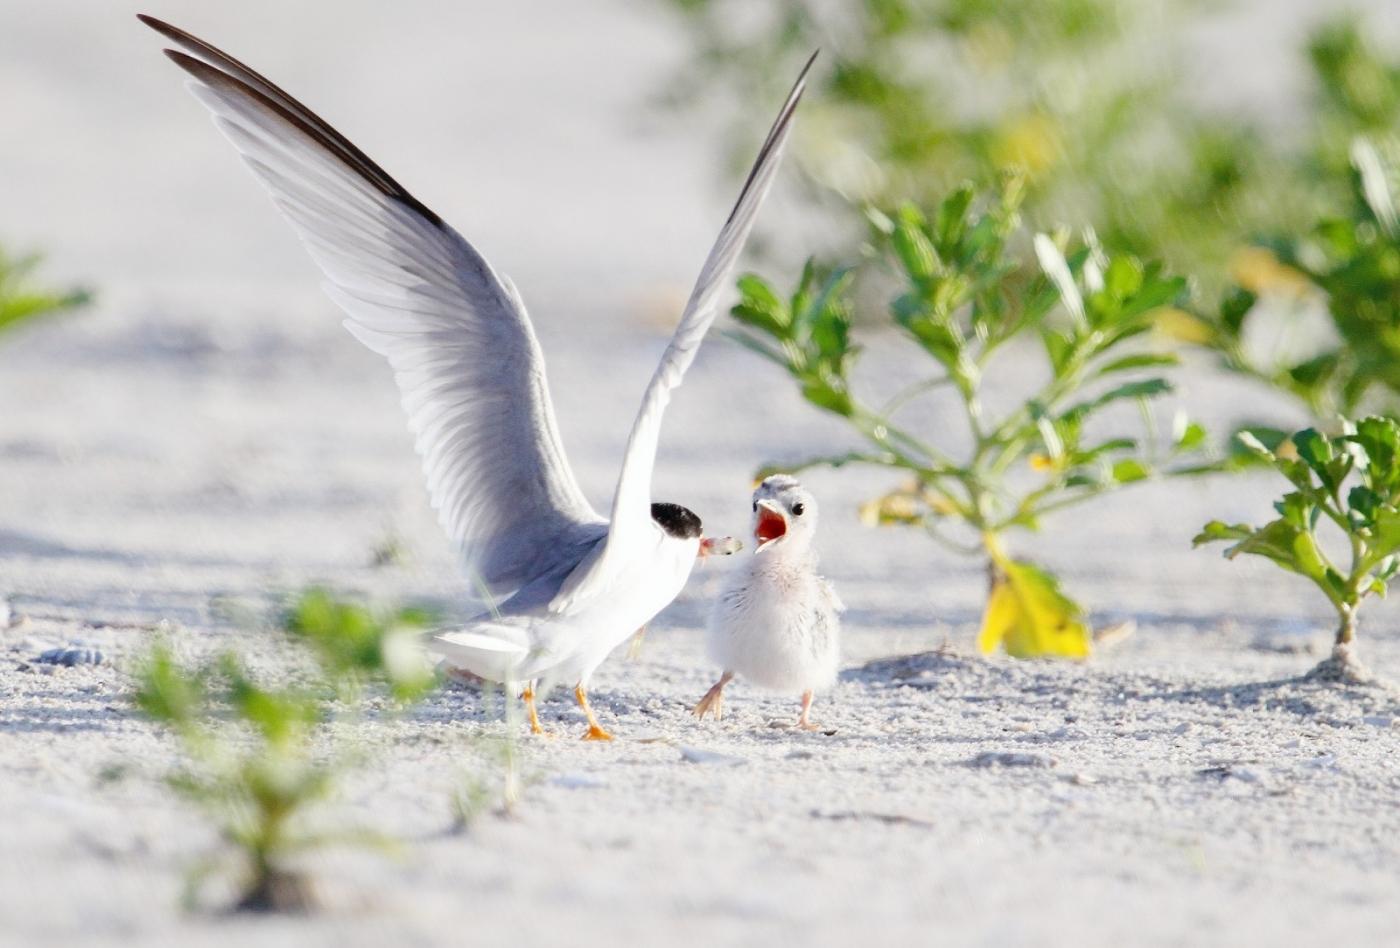 【田螺摄影】黄嘴燕鸥整个出生成长的过程_图1-13